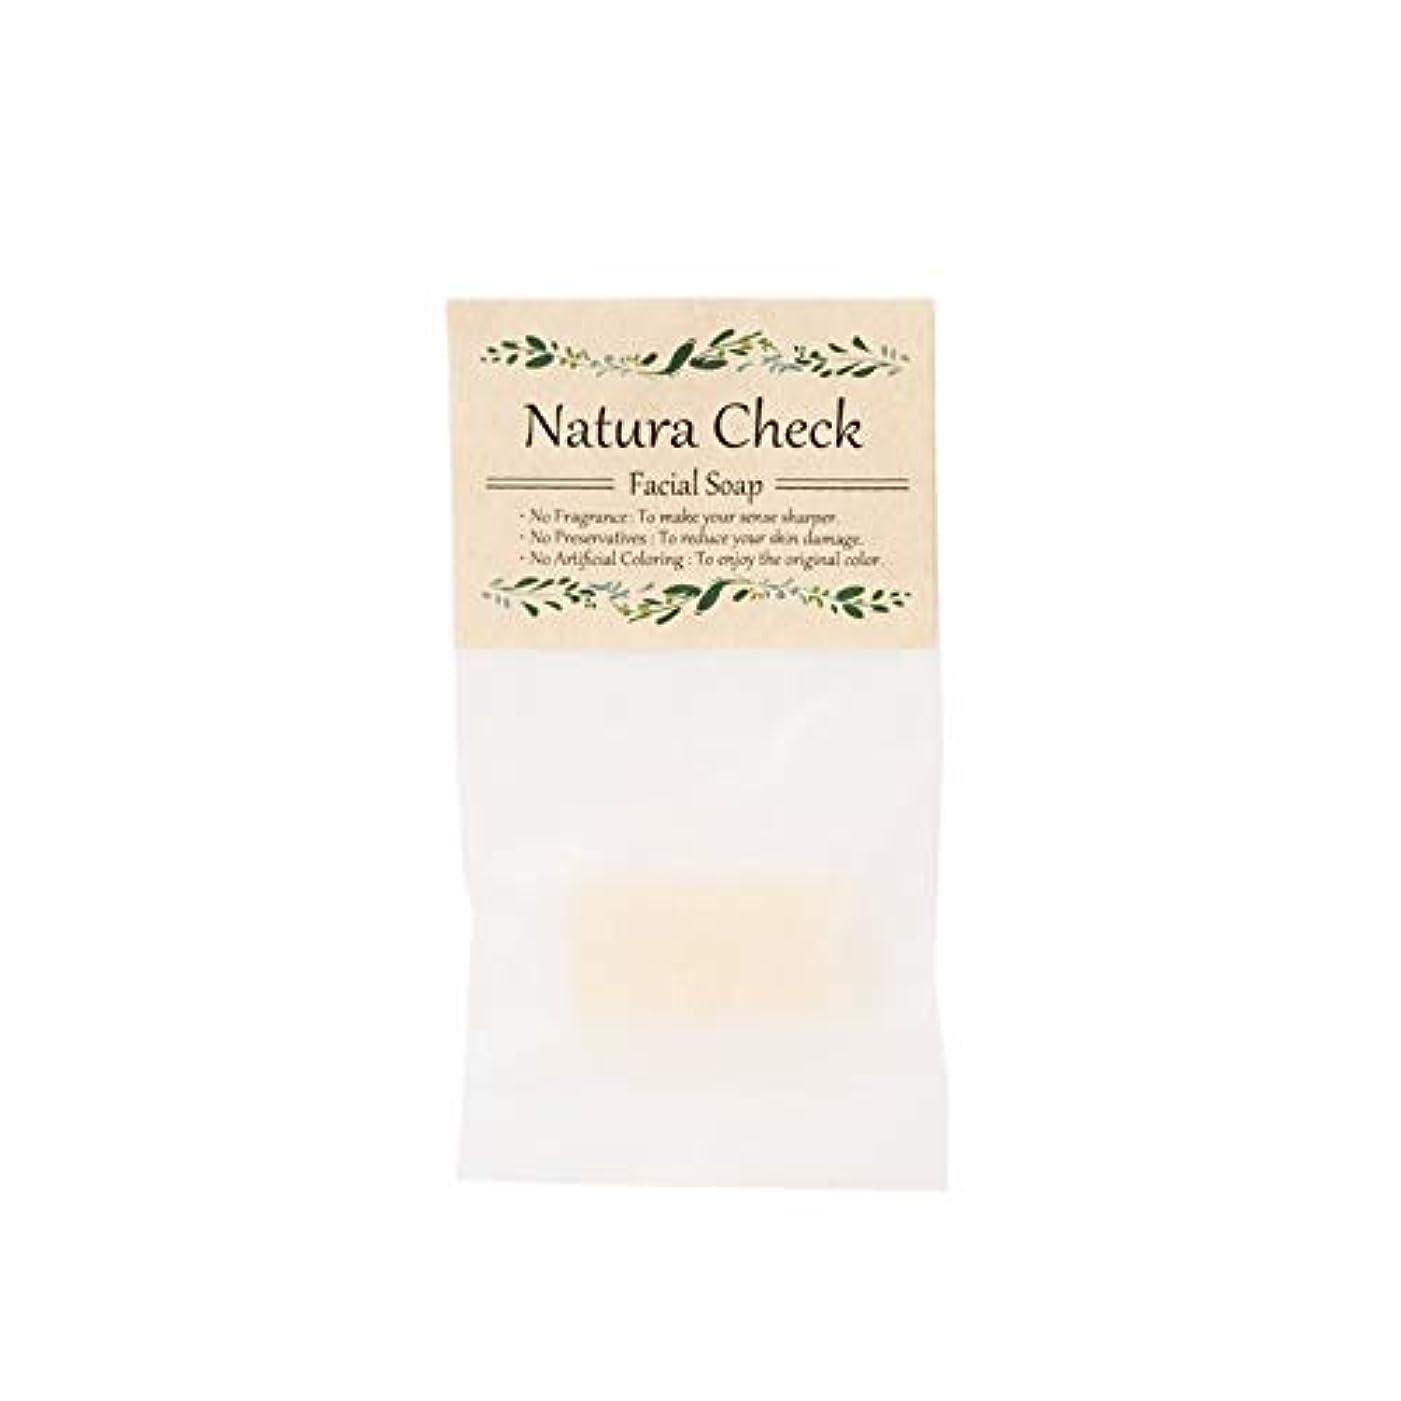 イヤホンしがみつくクリームNatura Check(ナチュラチェック)無添加洗顔せっけん10g お試し?トラベル用サイズ